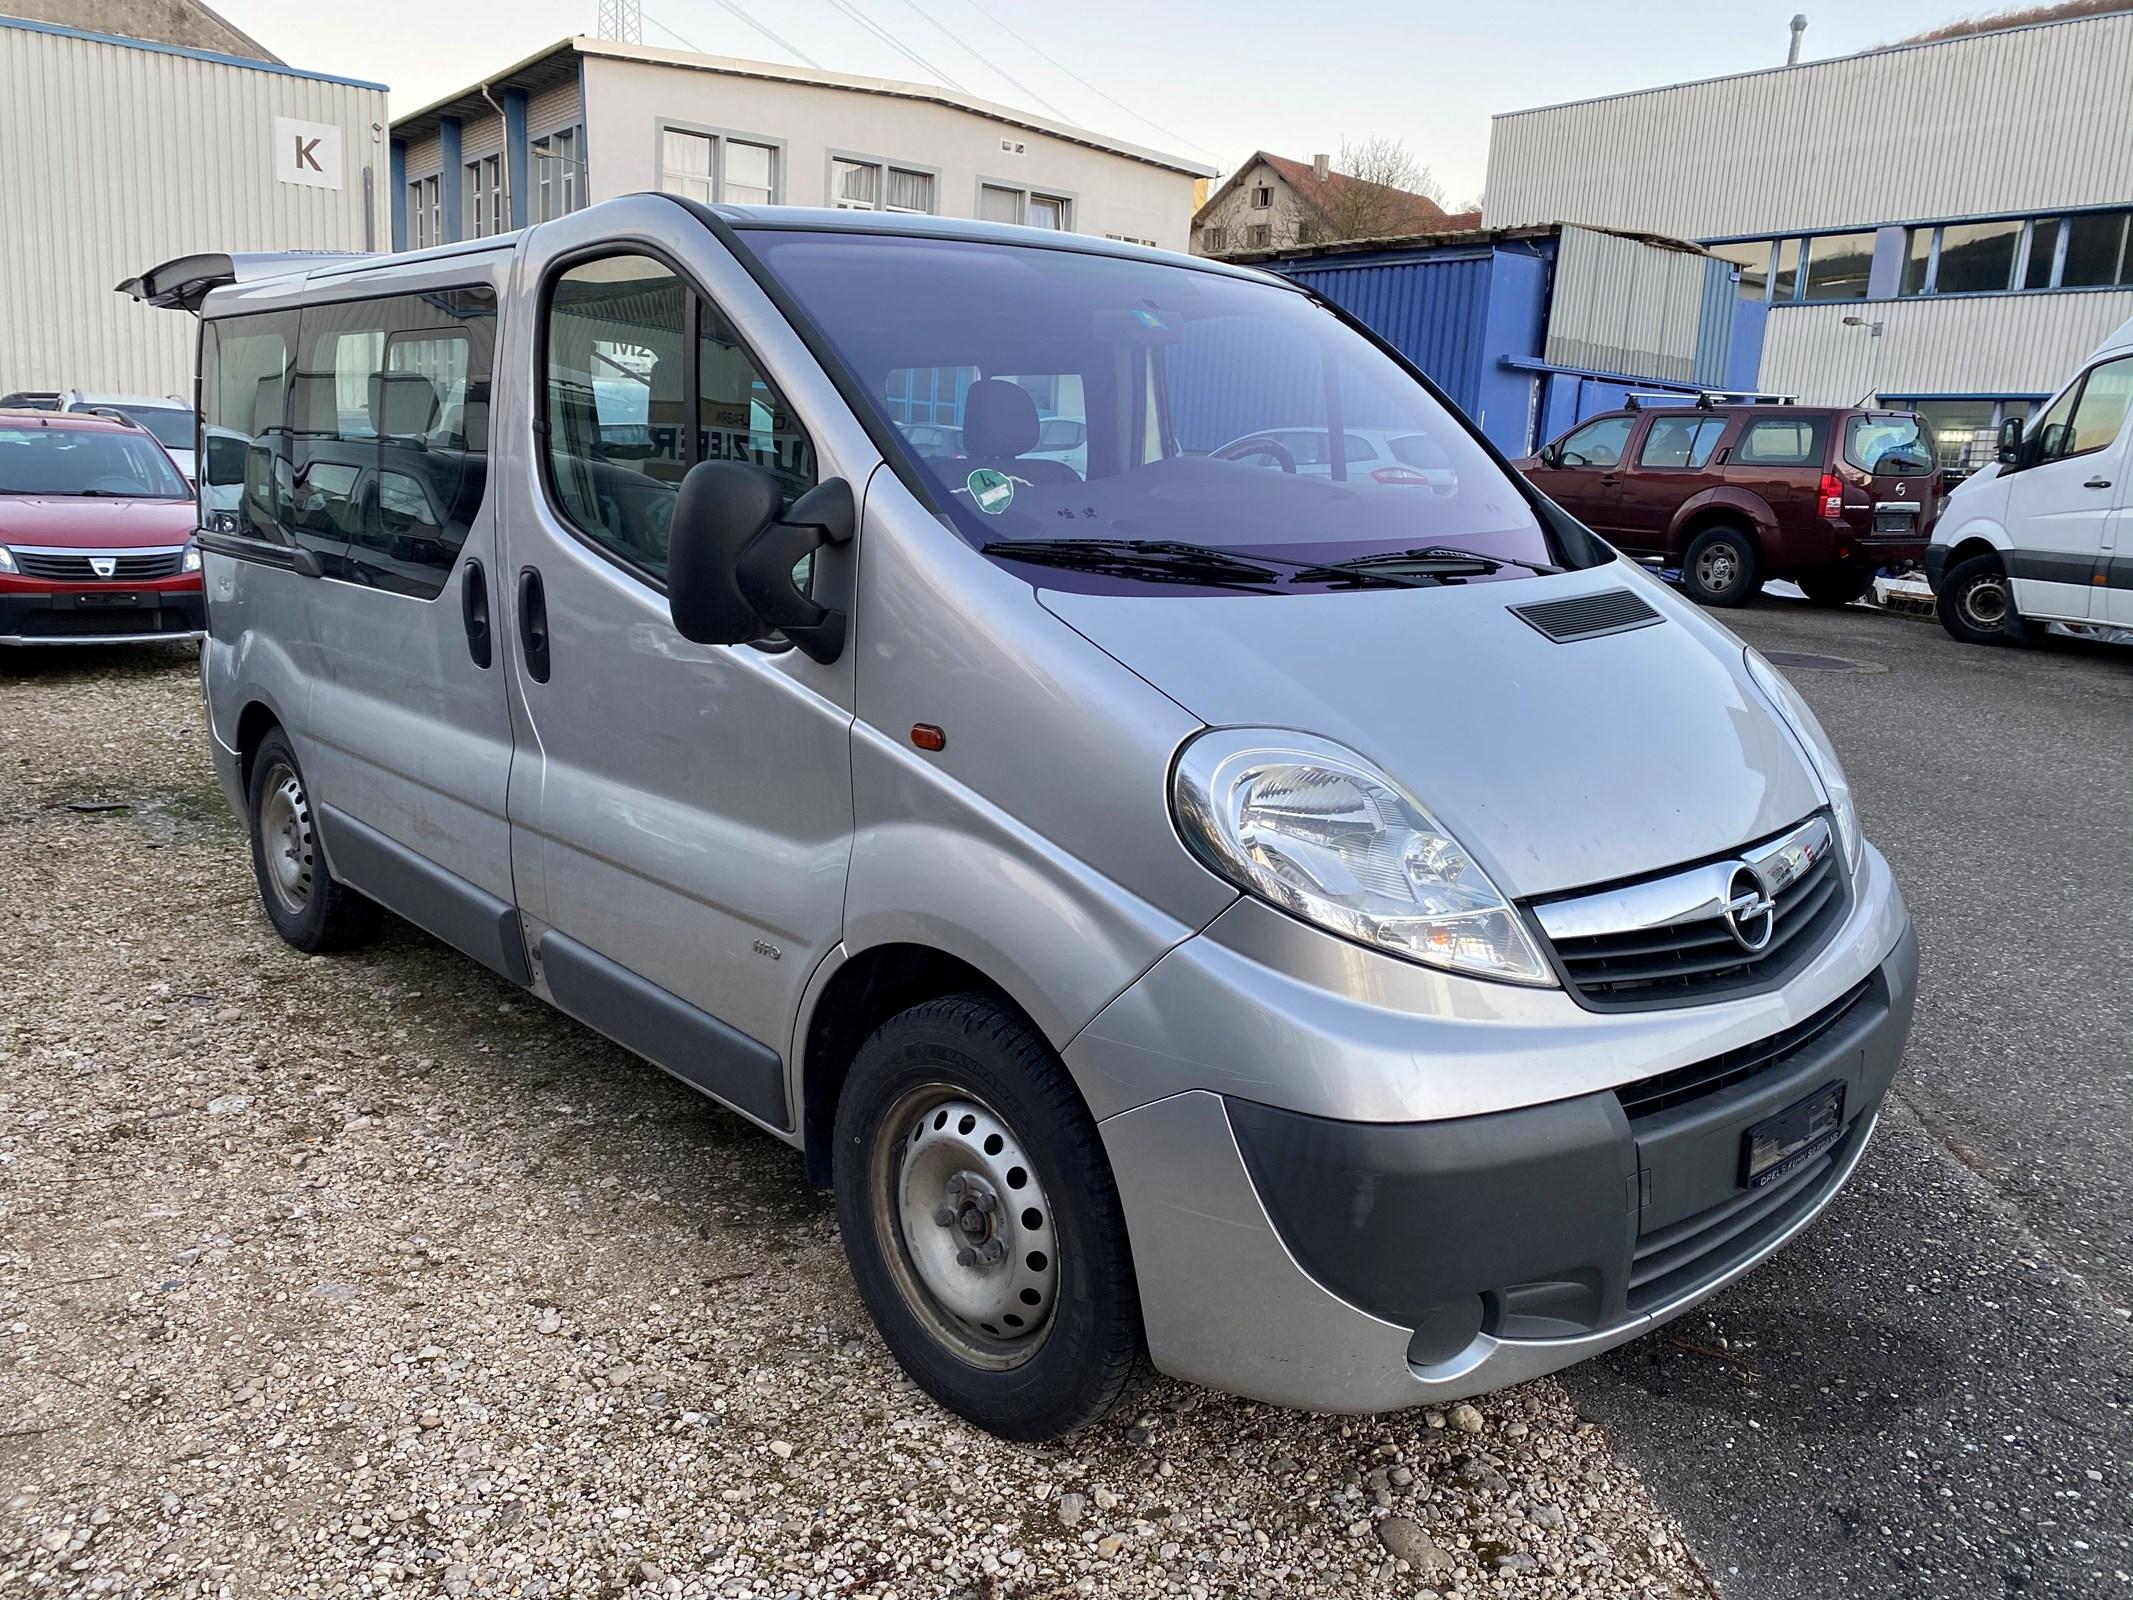 bus Opel Vivaro Tour 2.0 CDTI A 2.7t L1H1